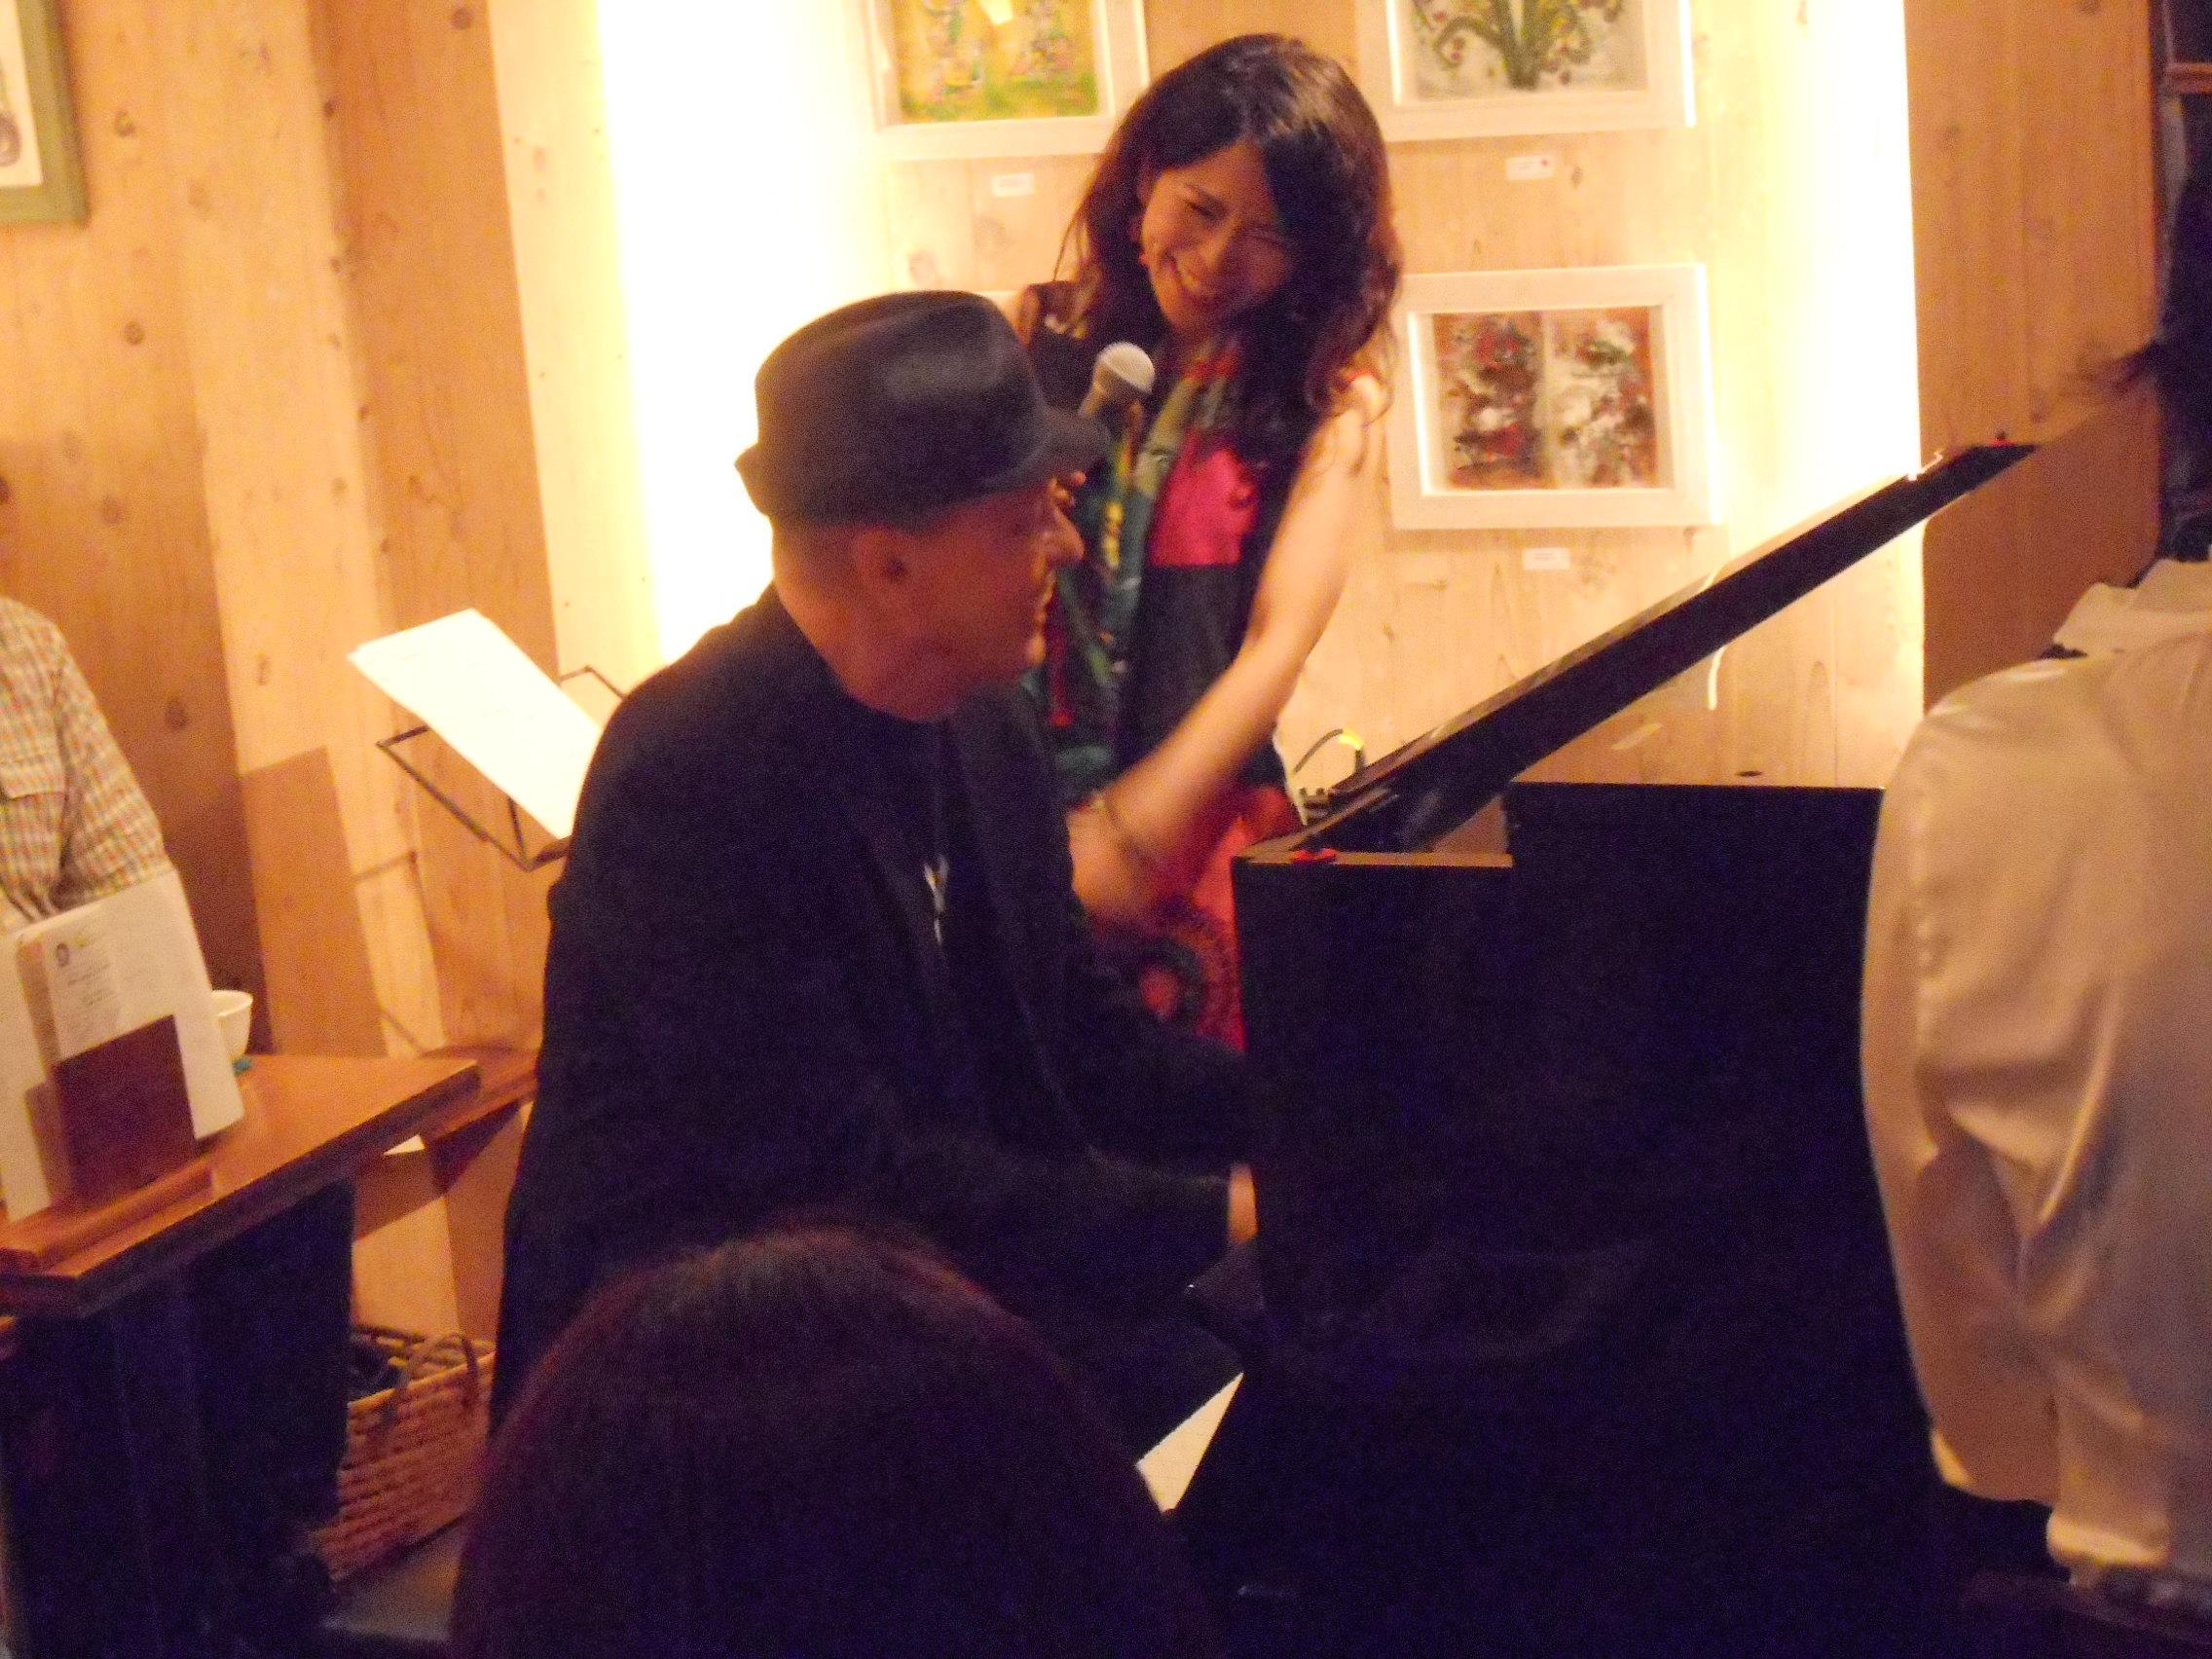 東の歌姫と西のピアノの巨匠のデュオによるジャズライヴ